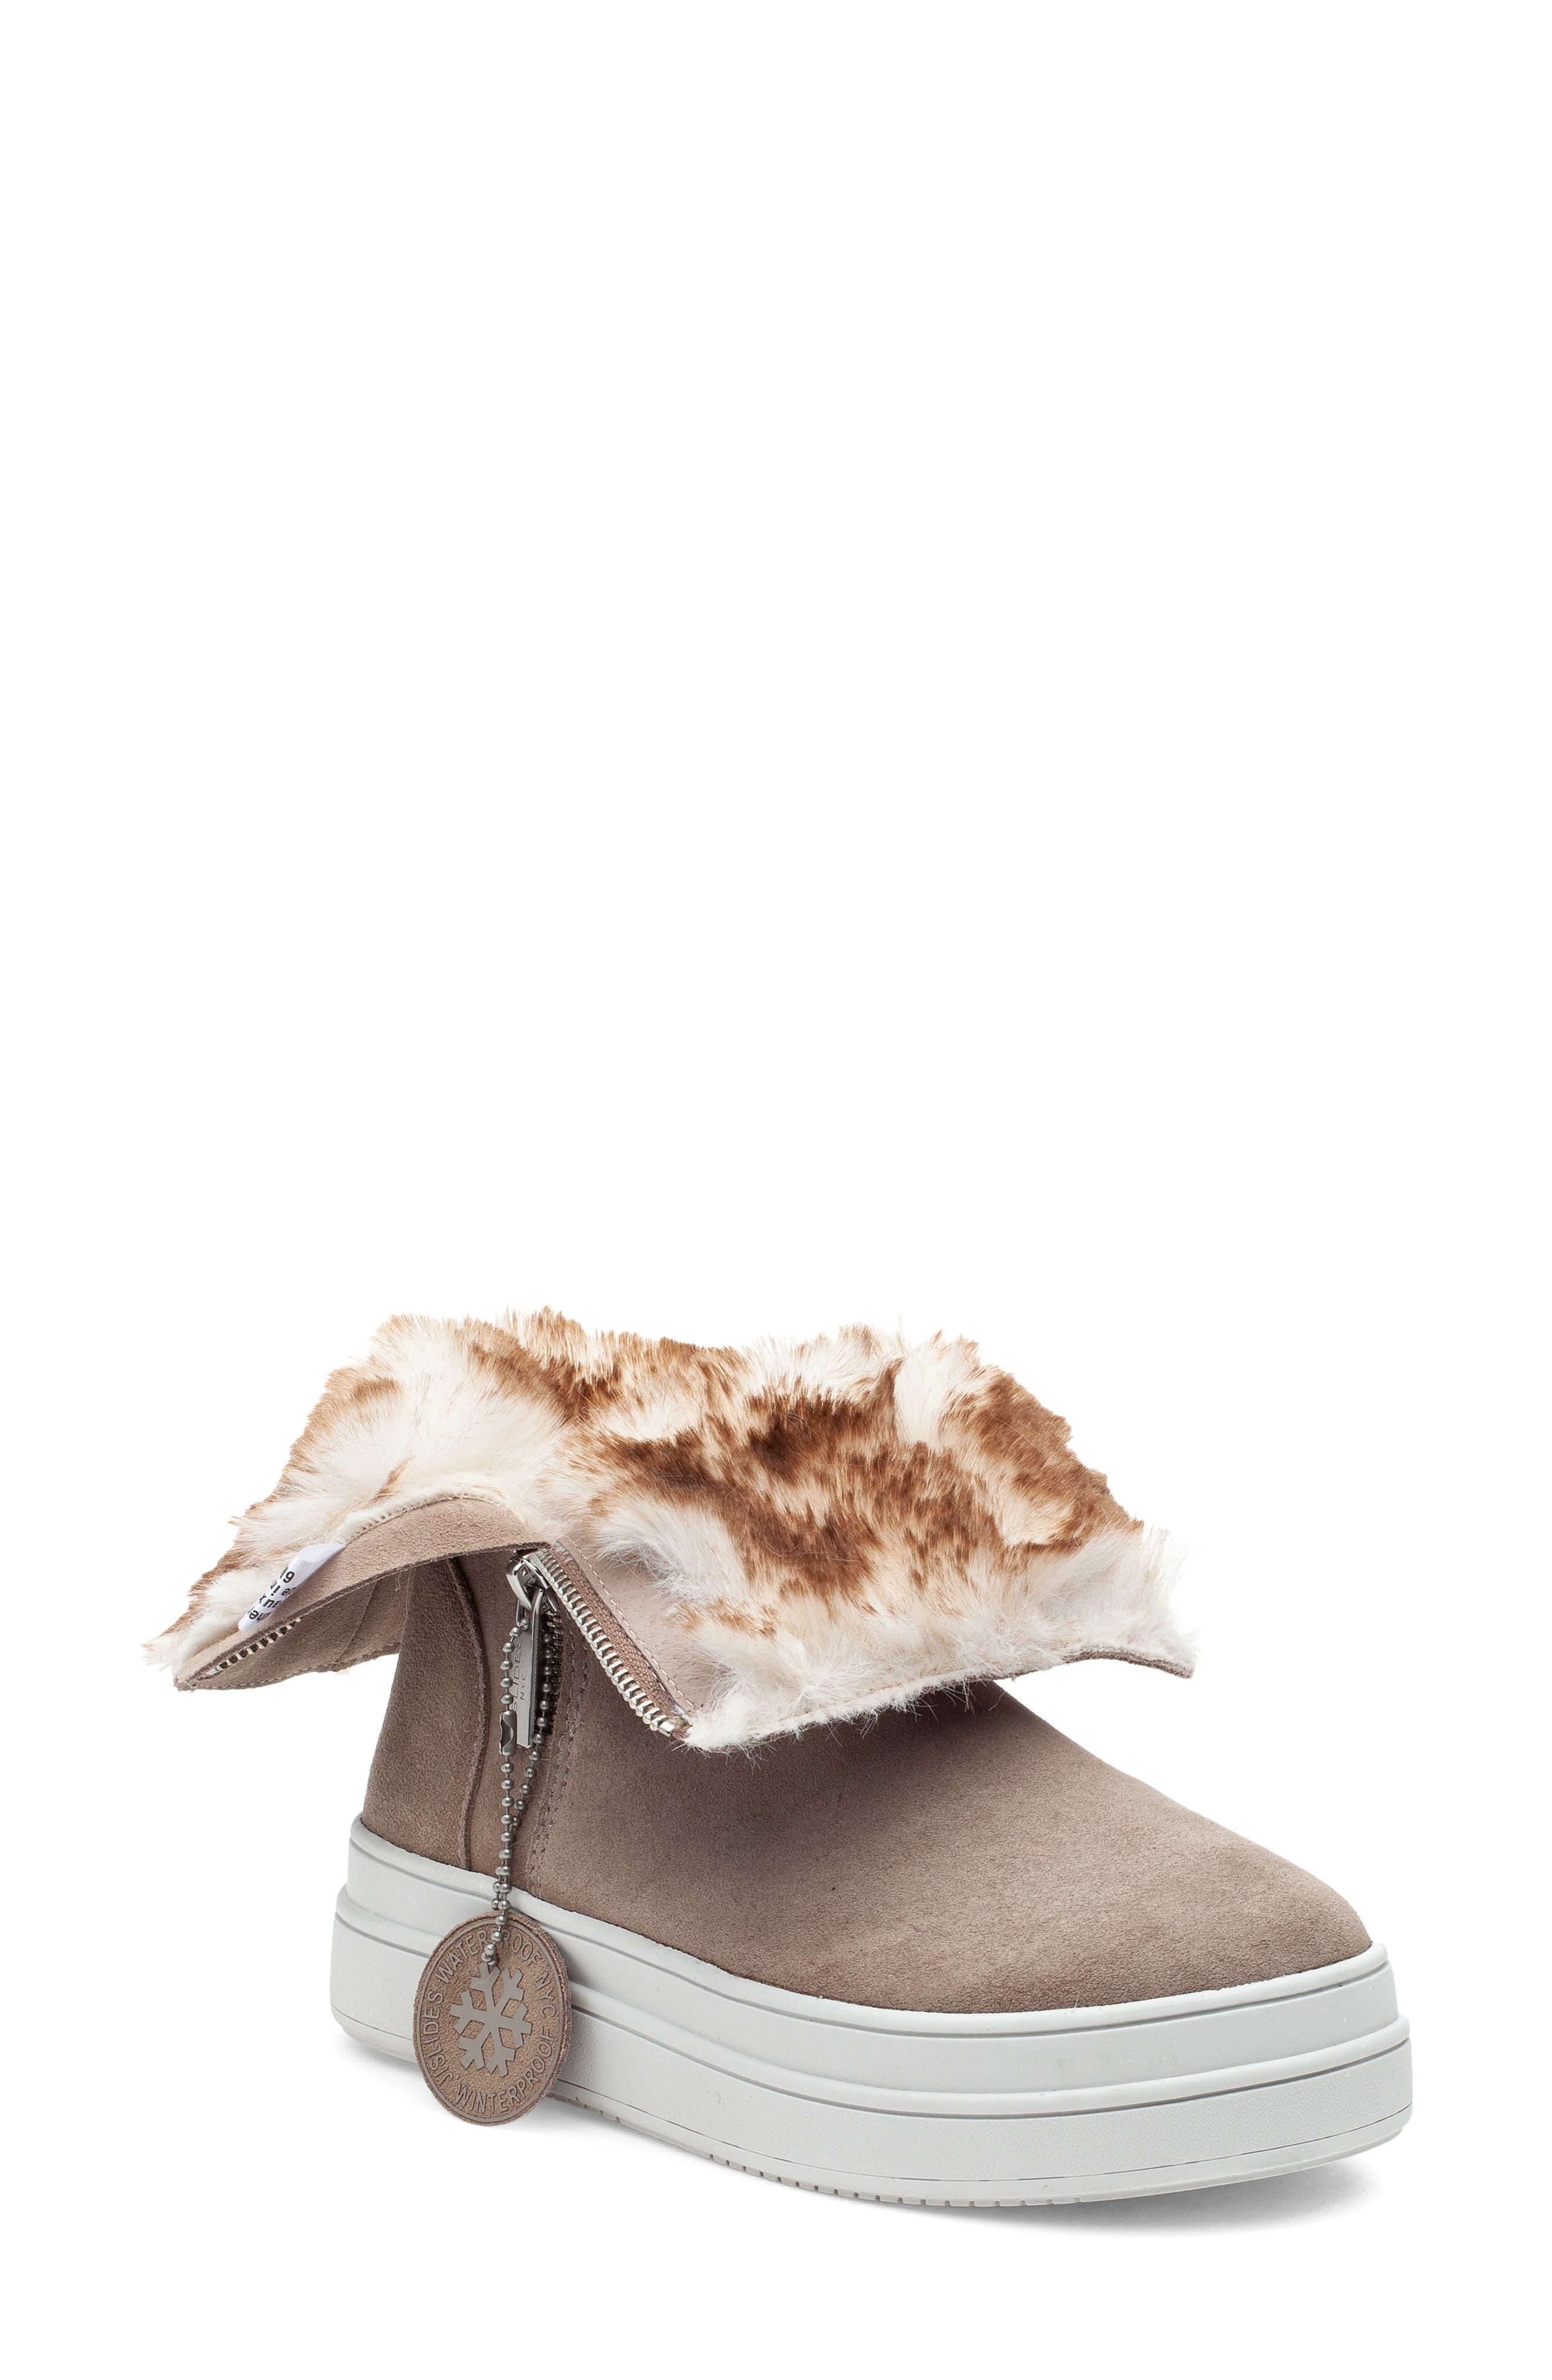 Women's JSlides Shoes | Nordstrom